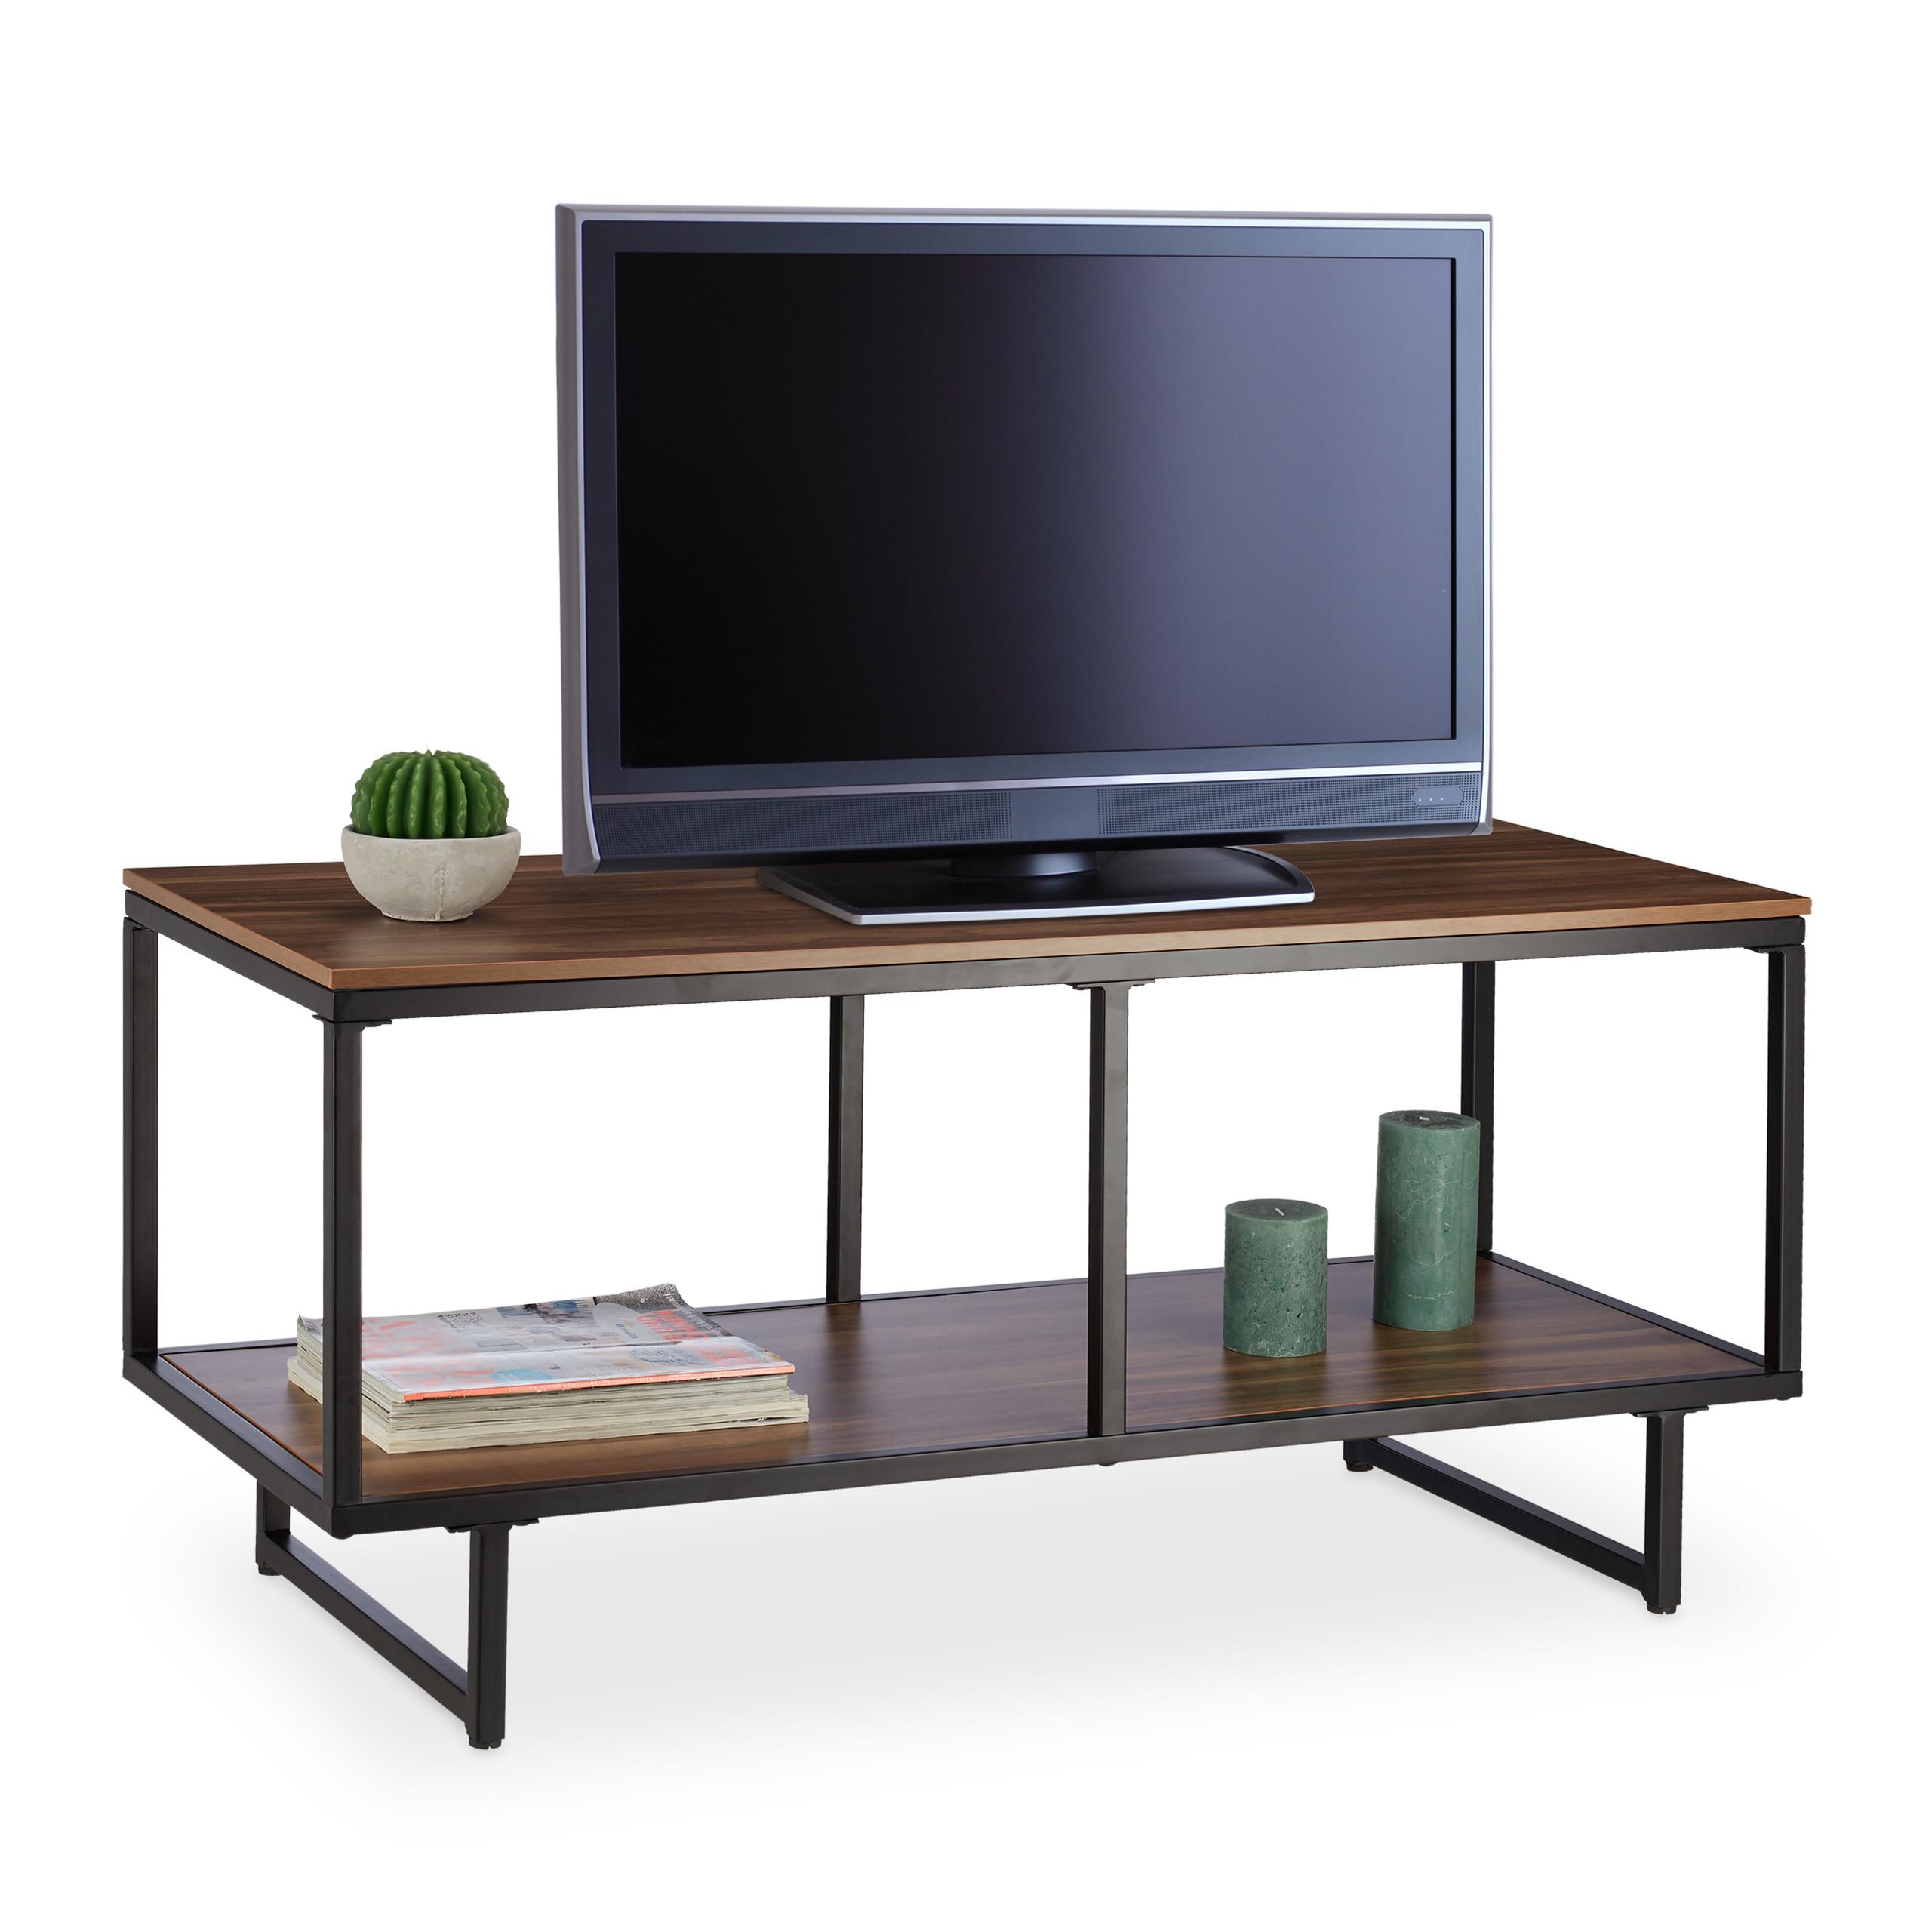 Dettagli su Mobiletto porta tv con ripiano per hi-fi, mobile porta  televisore effetto legno